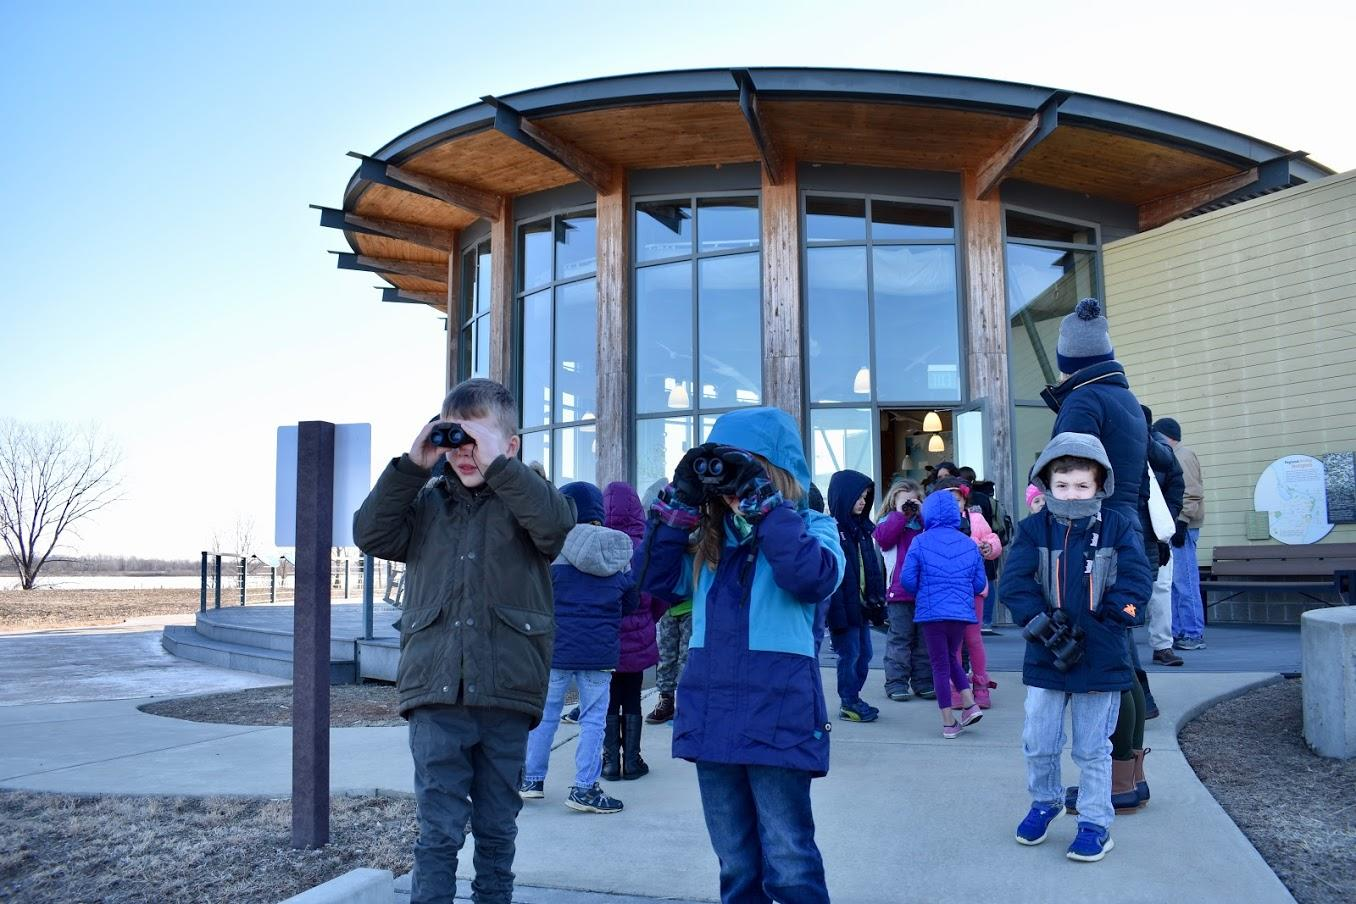 Eagle Watching at Audubon Center at Riverlands